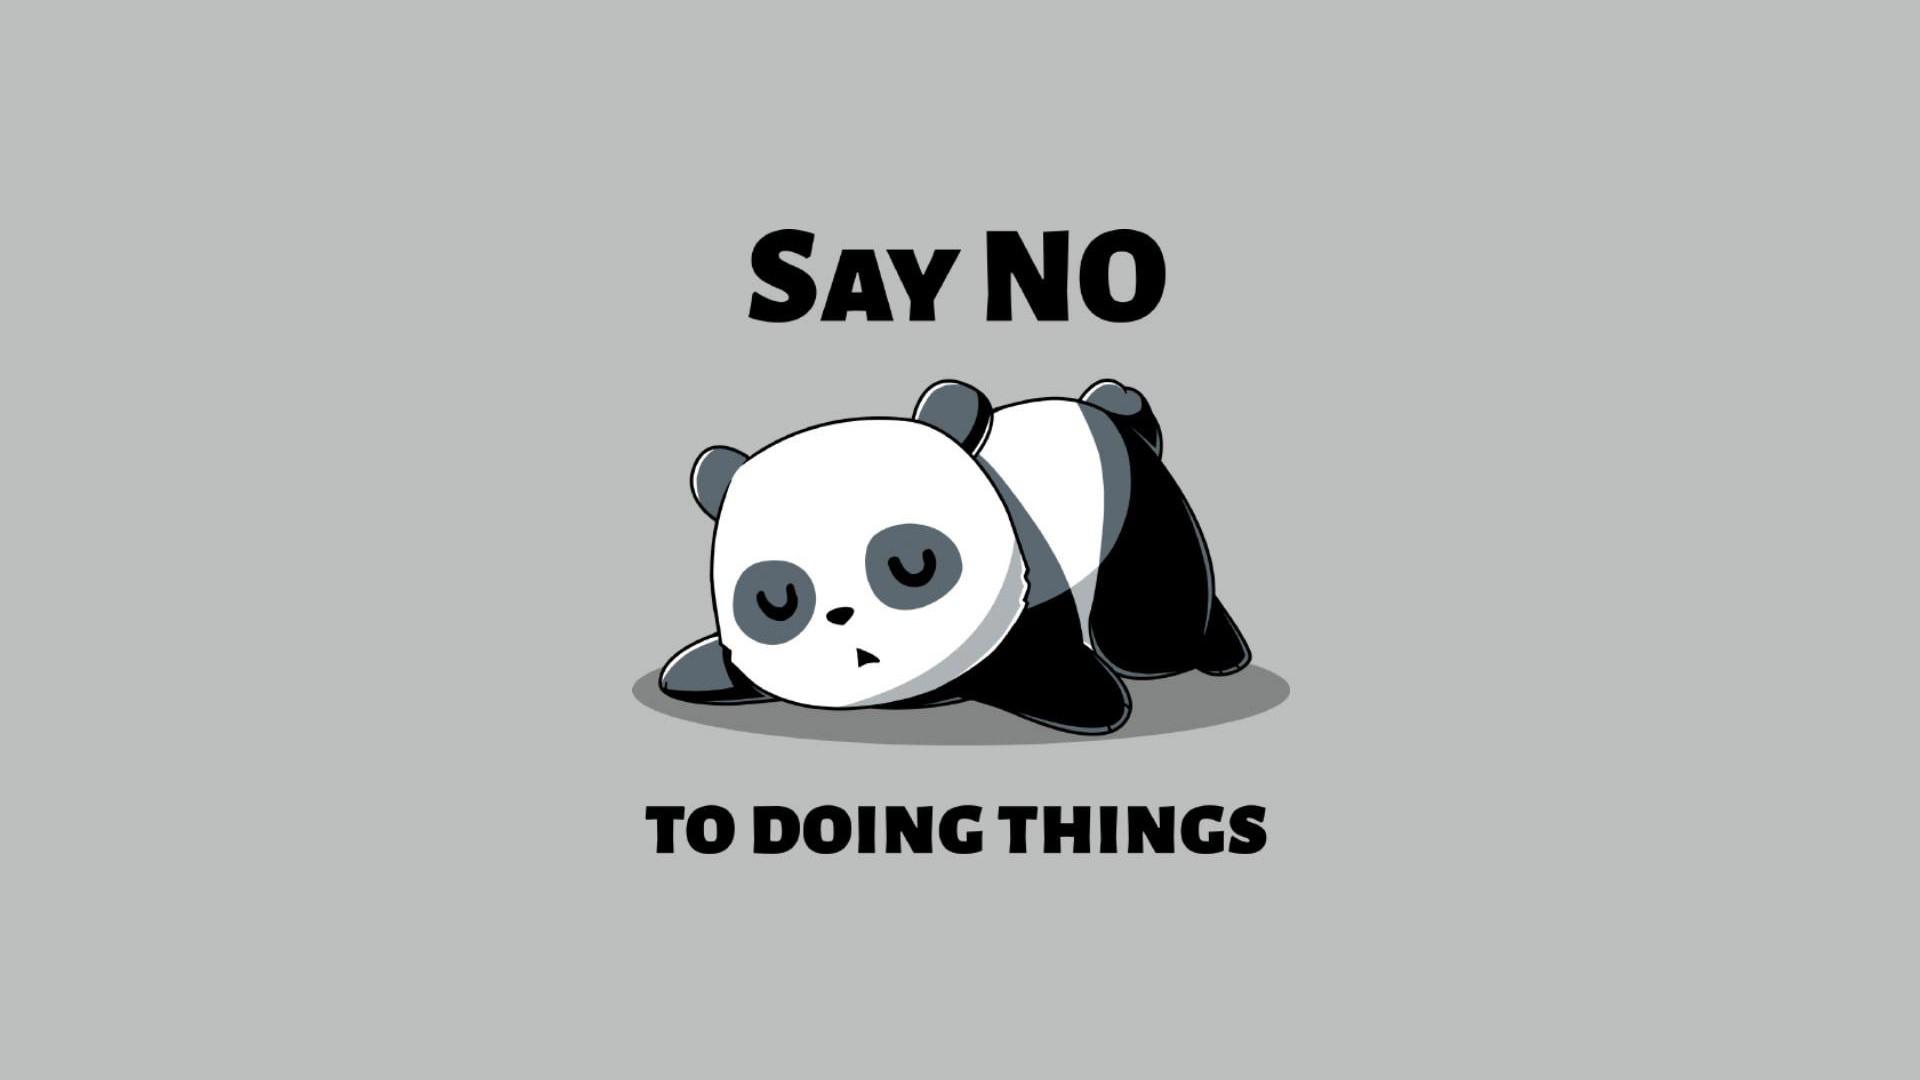 Cute Turtle Drawing Wallpaper Simple Simple Background Humor Panda Teeturtle